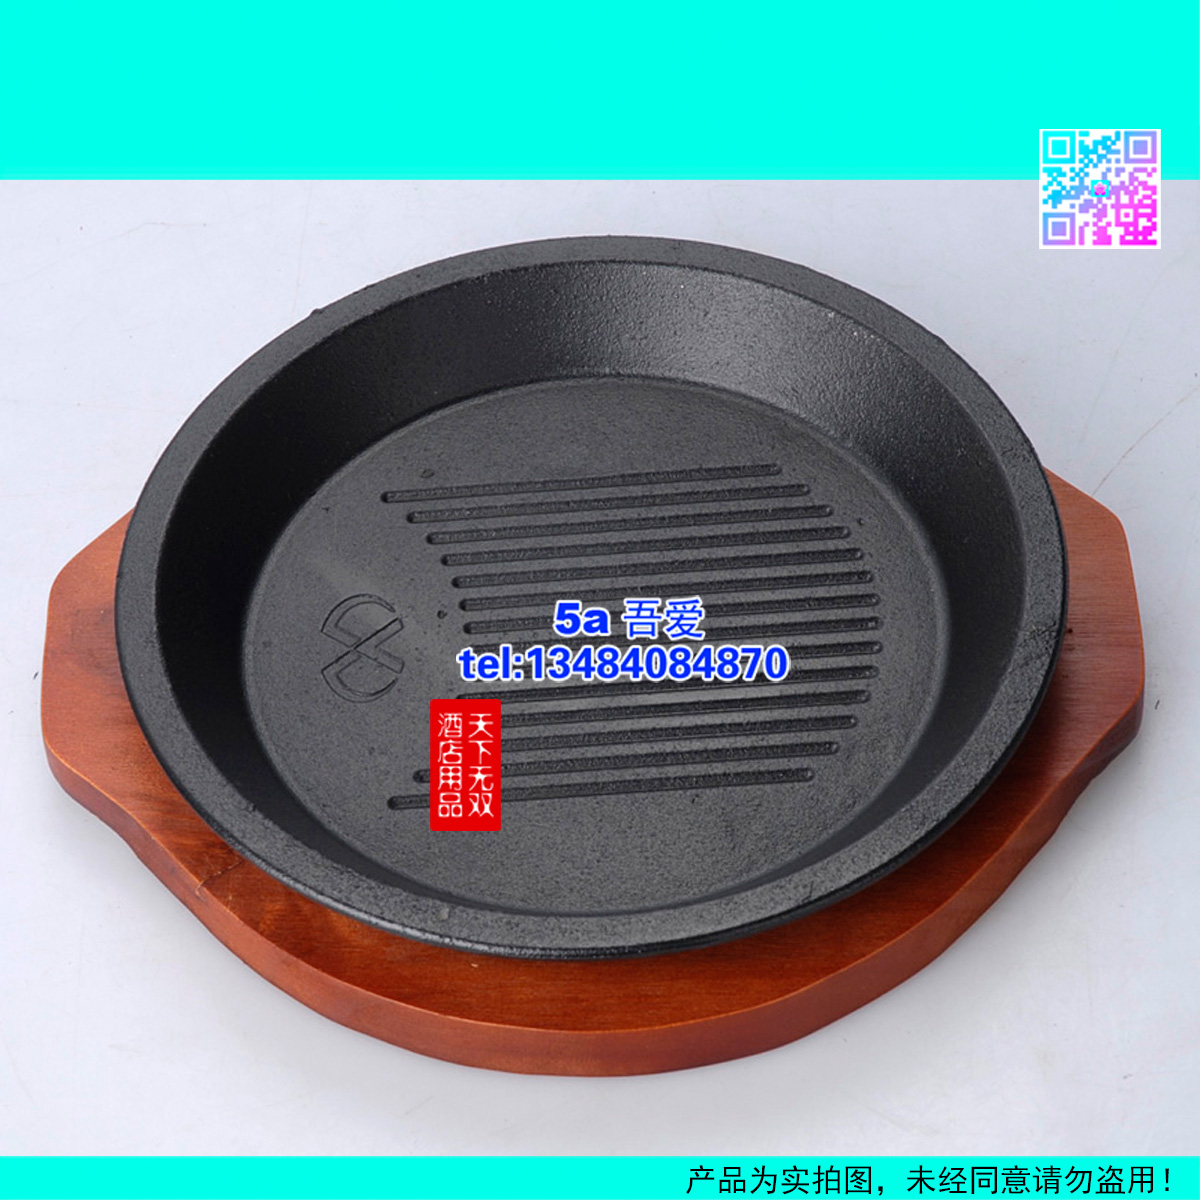 马来西亚烤盘铸铁铁板烧电磁炉烤肉盘烧烤盘带底板韩国烤肉料理